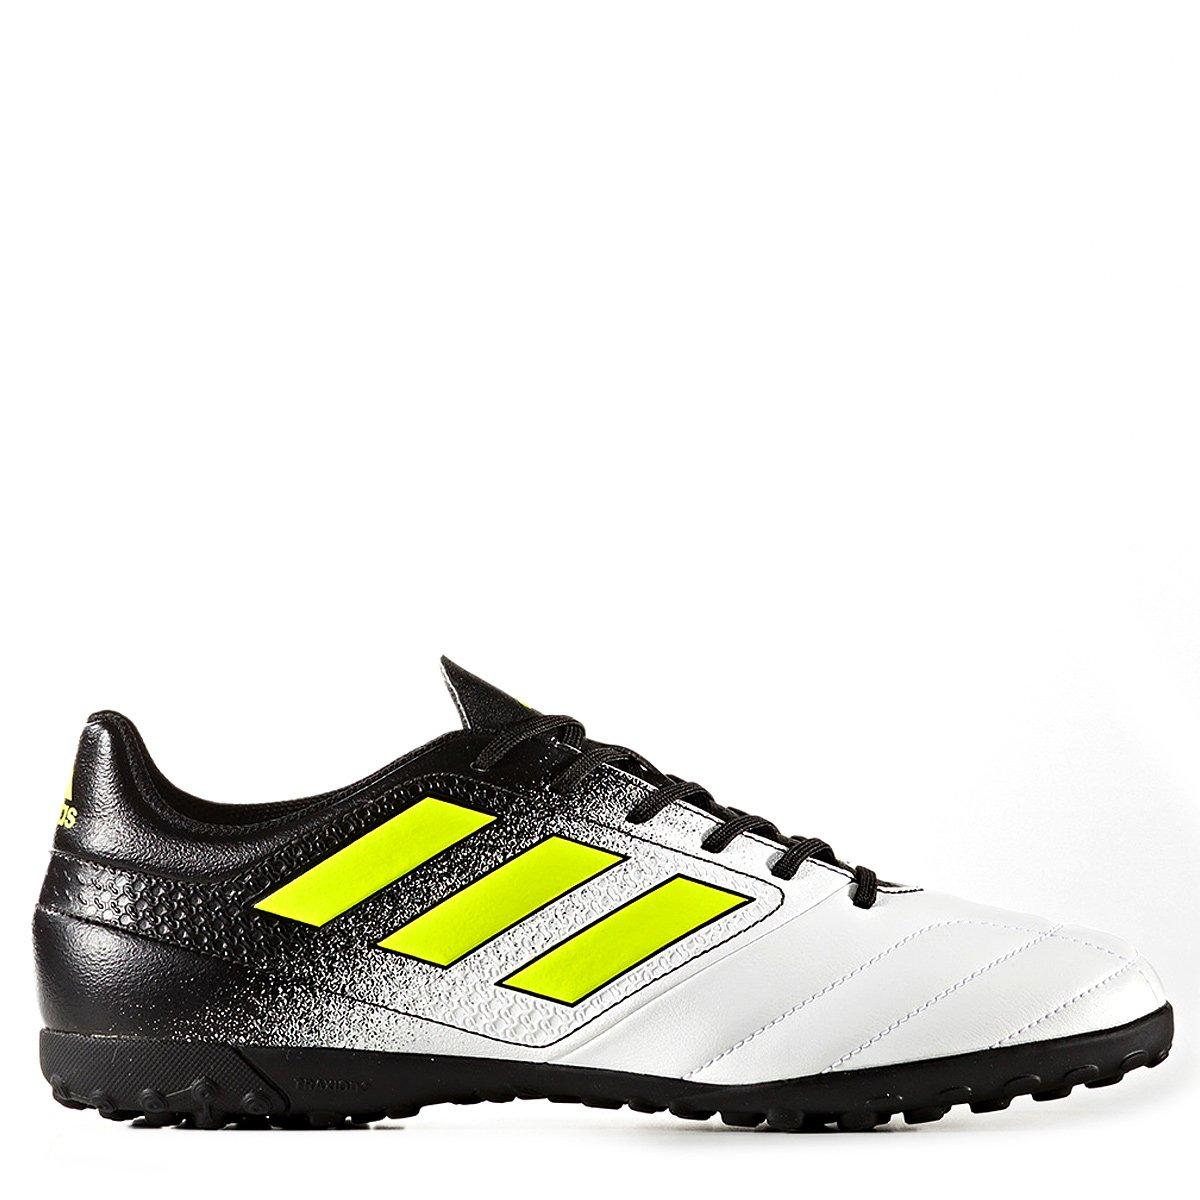 e0de62998 Chuteira Society Adidas Ace 17.4 TF - Compre Agora